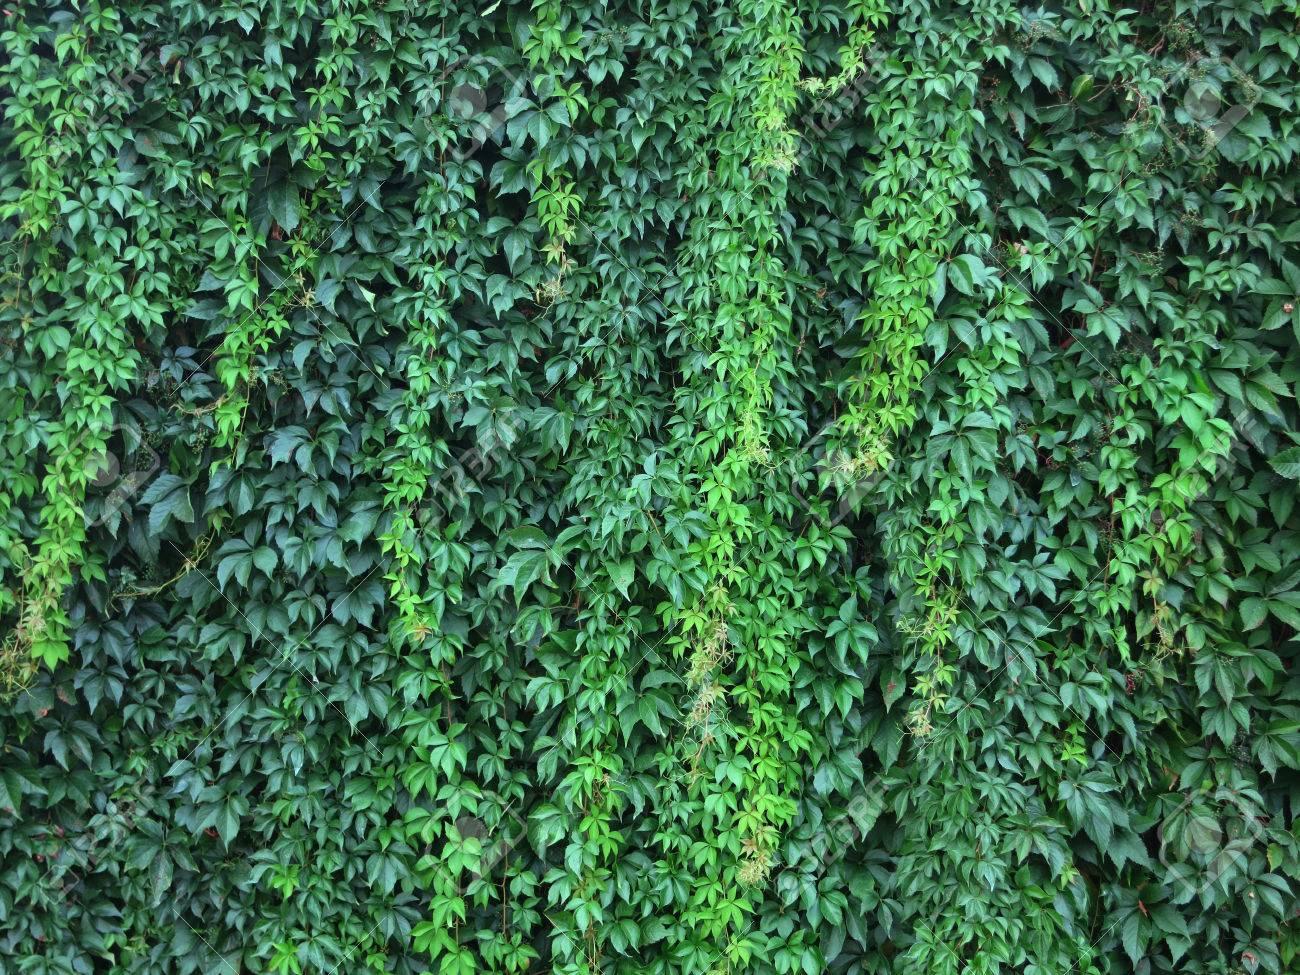 Wand Mit Grünen Blättern Einer Kletterpflanze. Wendland, Deutschland ...